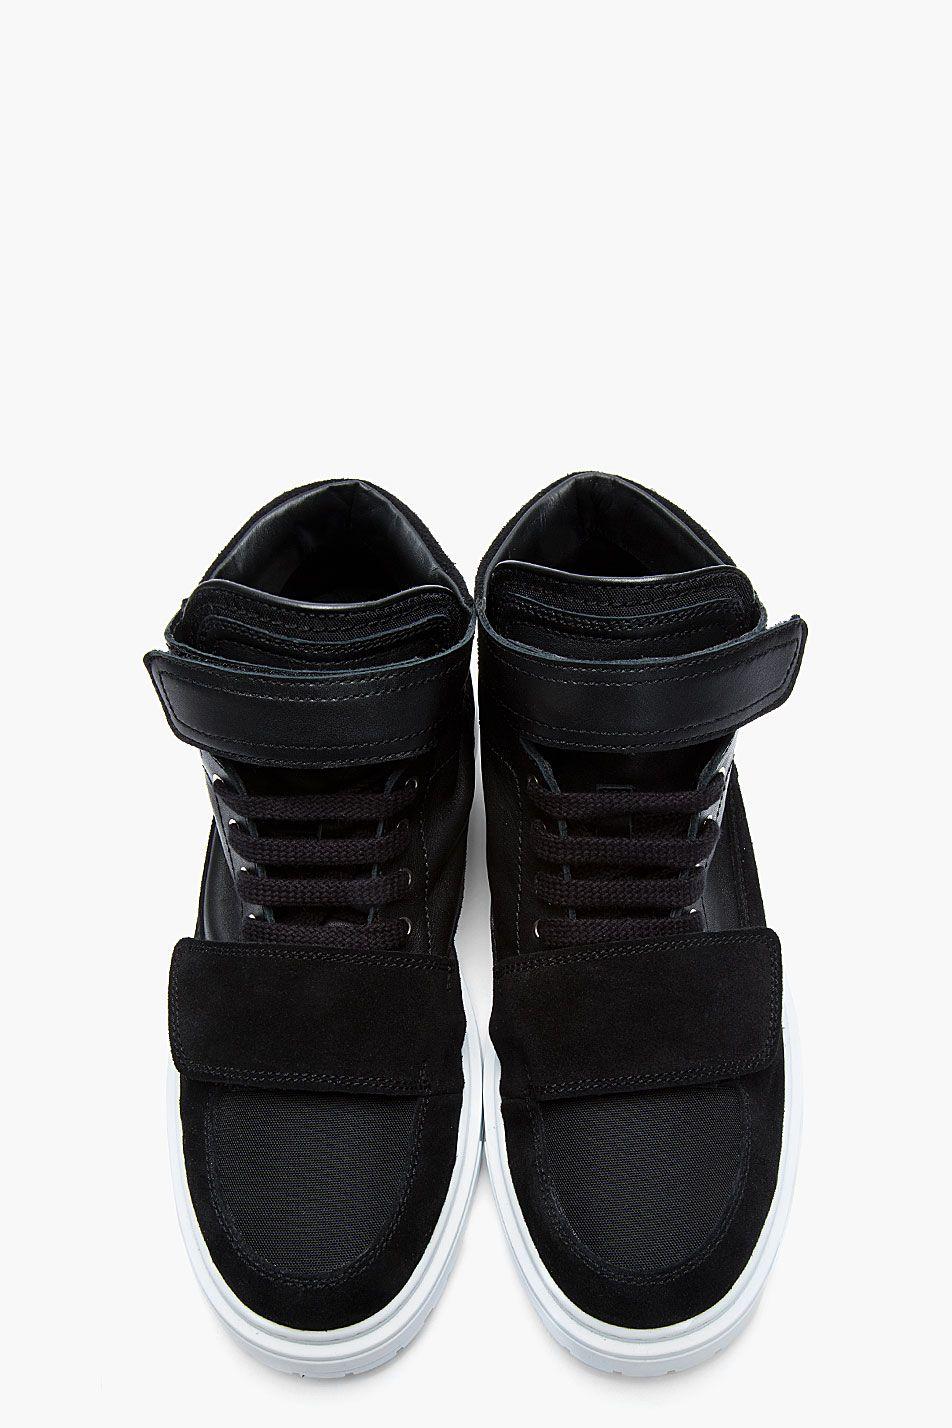 b837b3ad9bd882 KRISVANASSCHE Black Leather   Suede Velcro Low-Top Sneakers